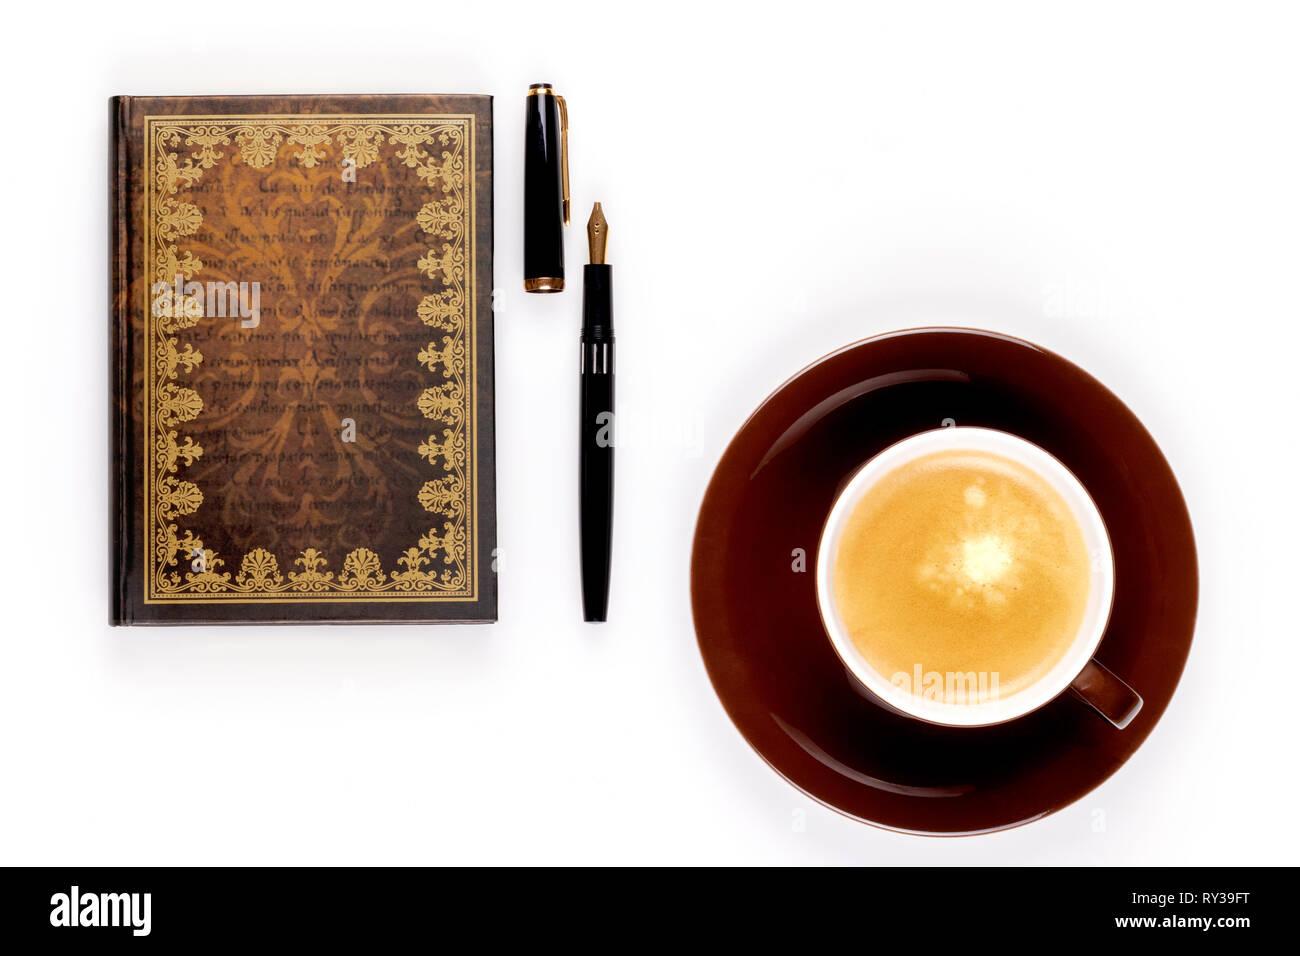 Photo gros plan de vieux portable avec un stylo à encre d'or et une tasse de café fort sur fond blanc. - Image Banque D'Images